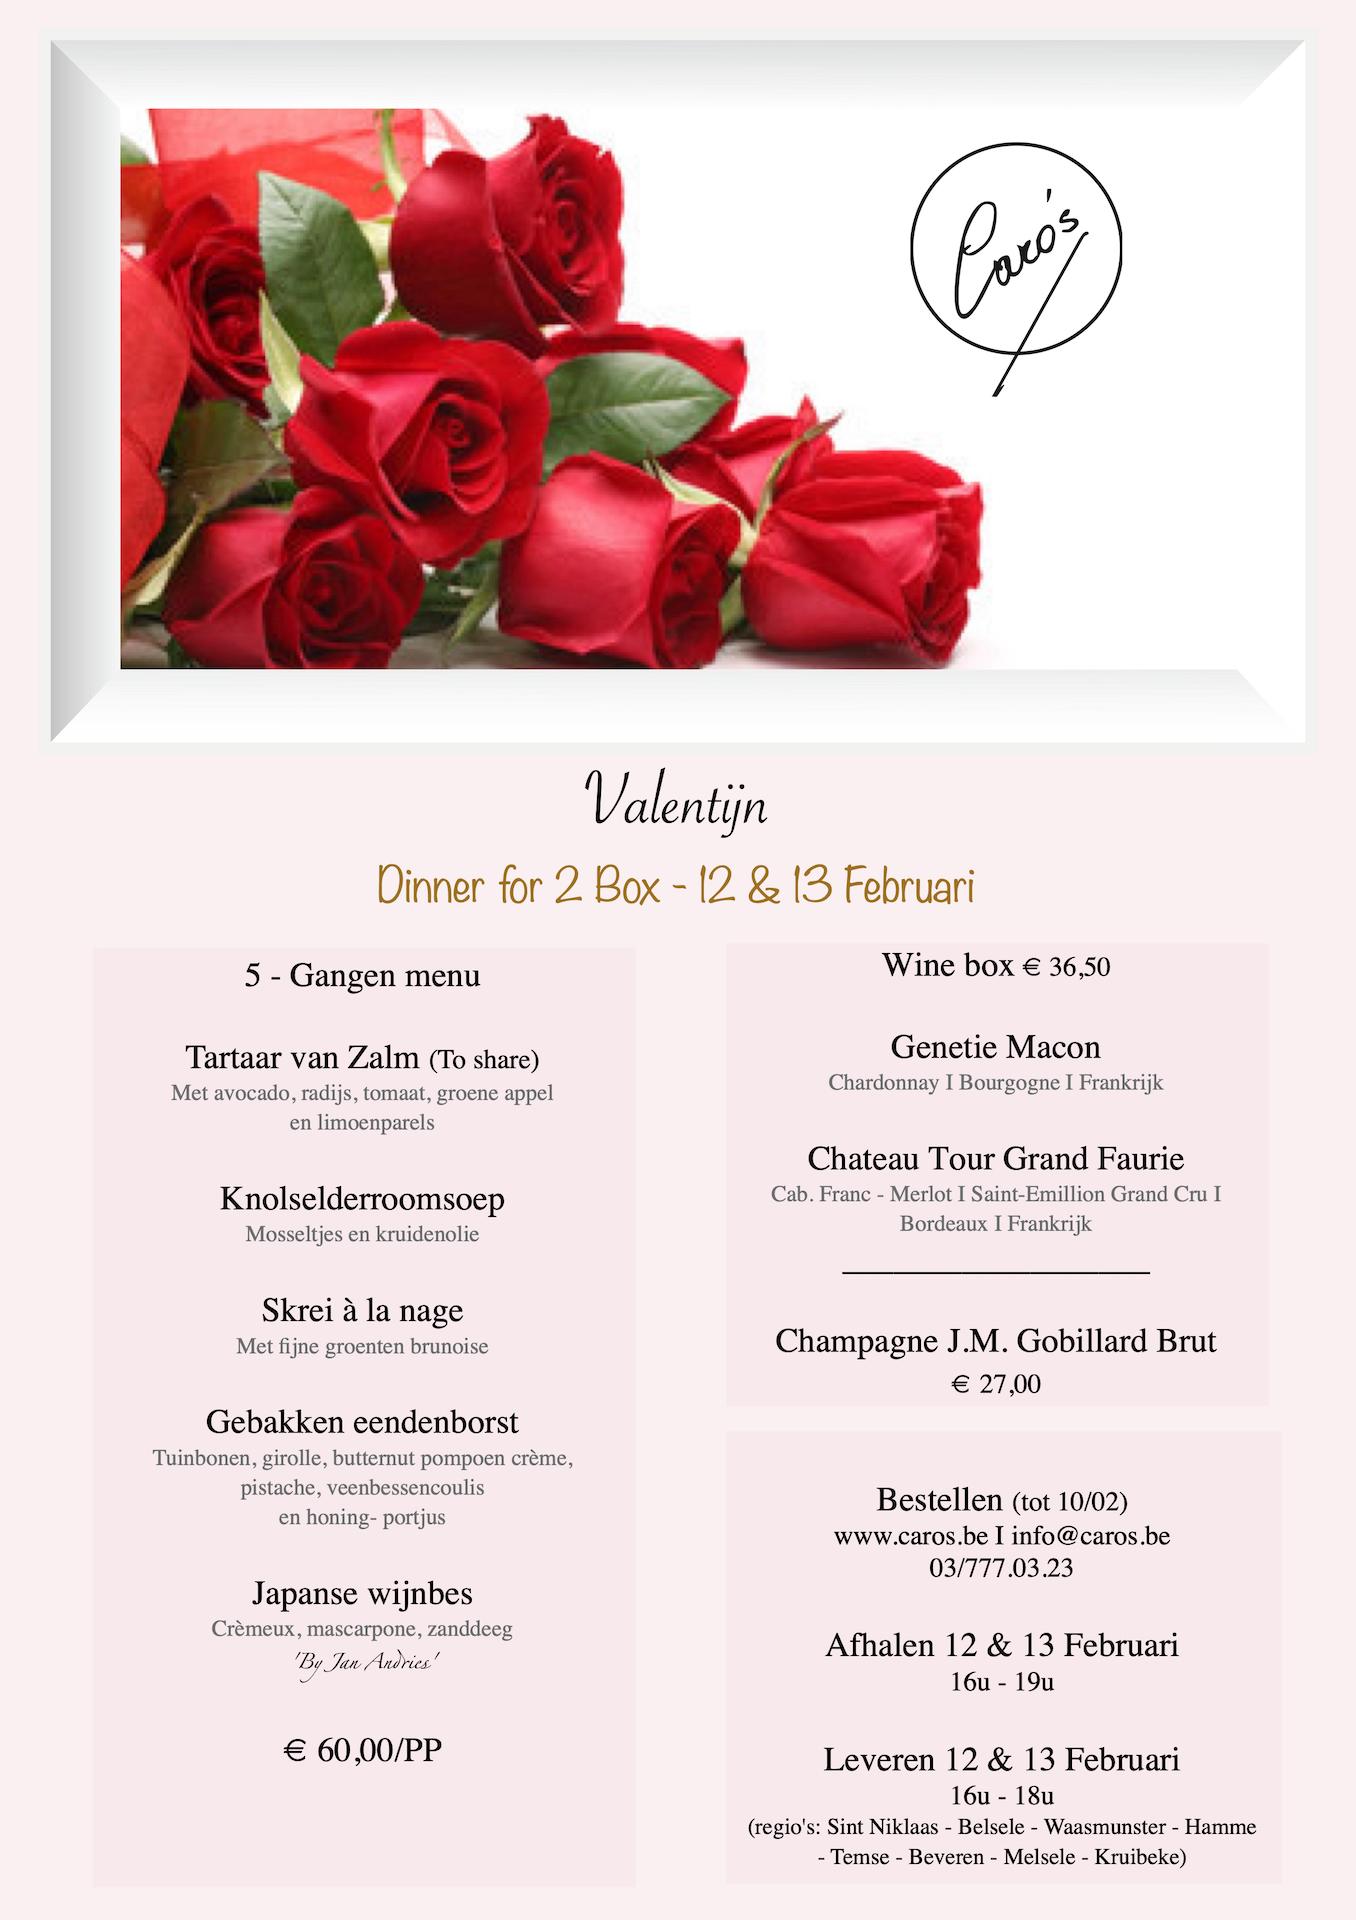 Valentijn_2021_JPG_FINAAL